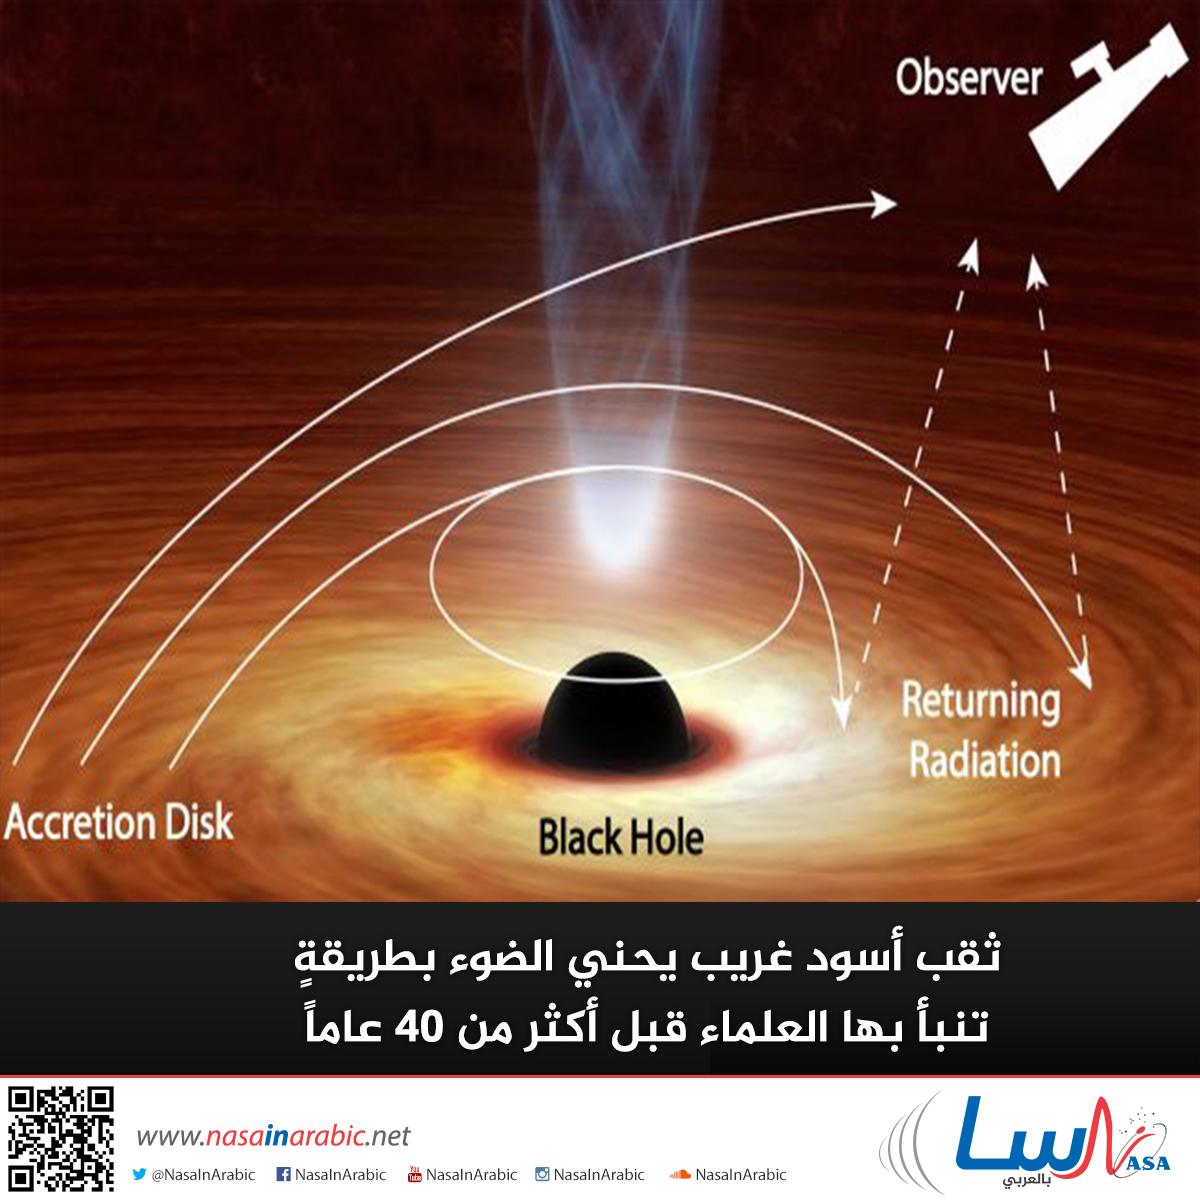 ثقب أسود غريب يحني الضوء بطريقةٍ تنبأ بها العلماء قبل أكثر من 40 عاماً